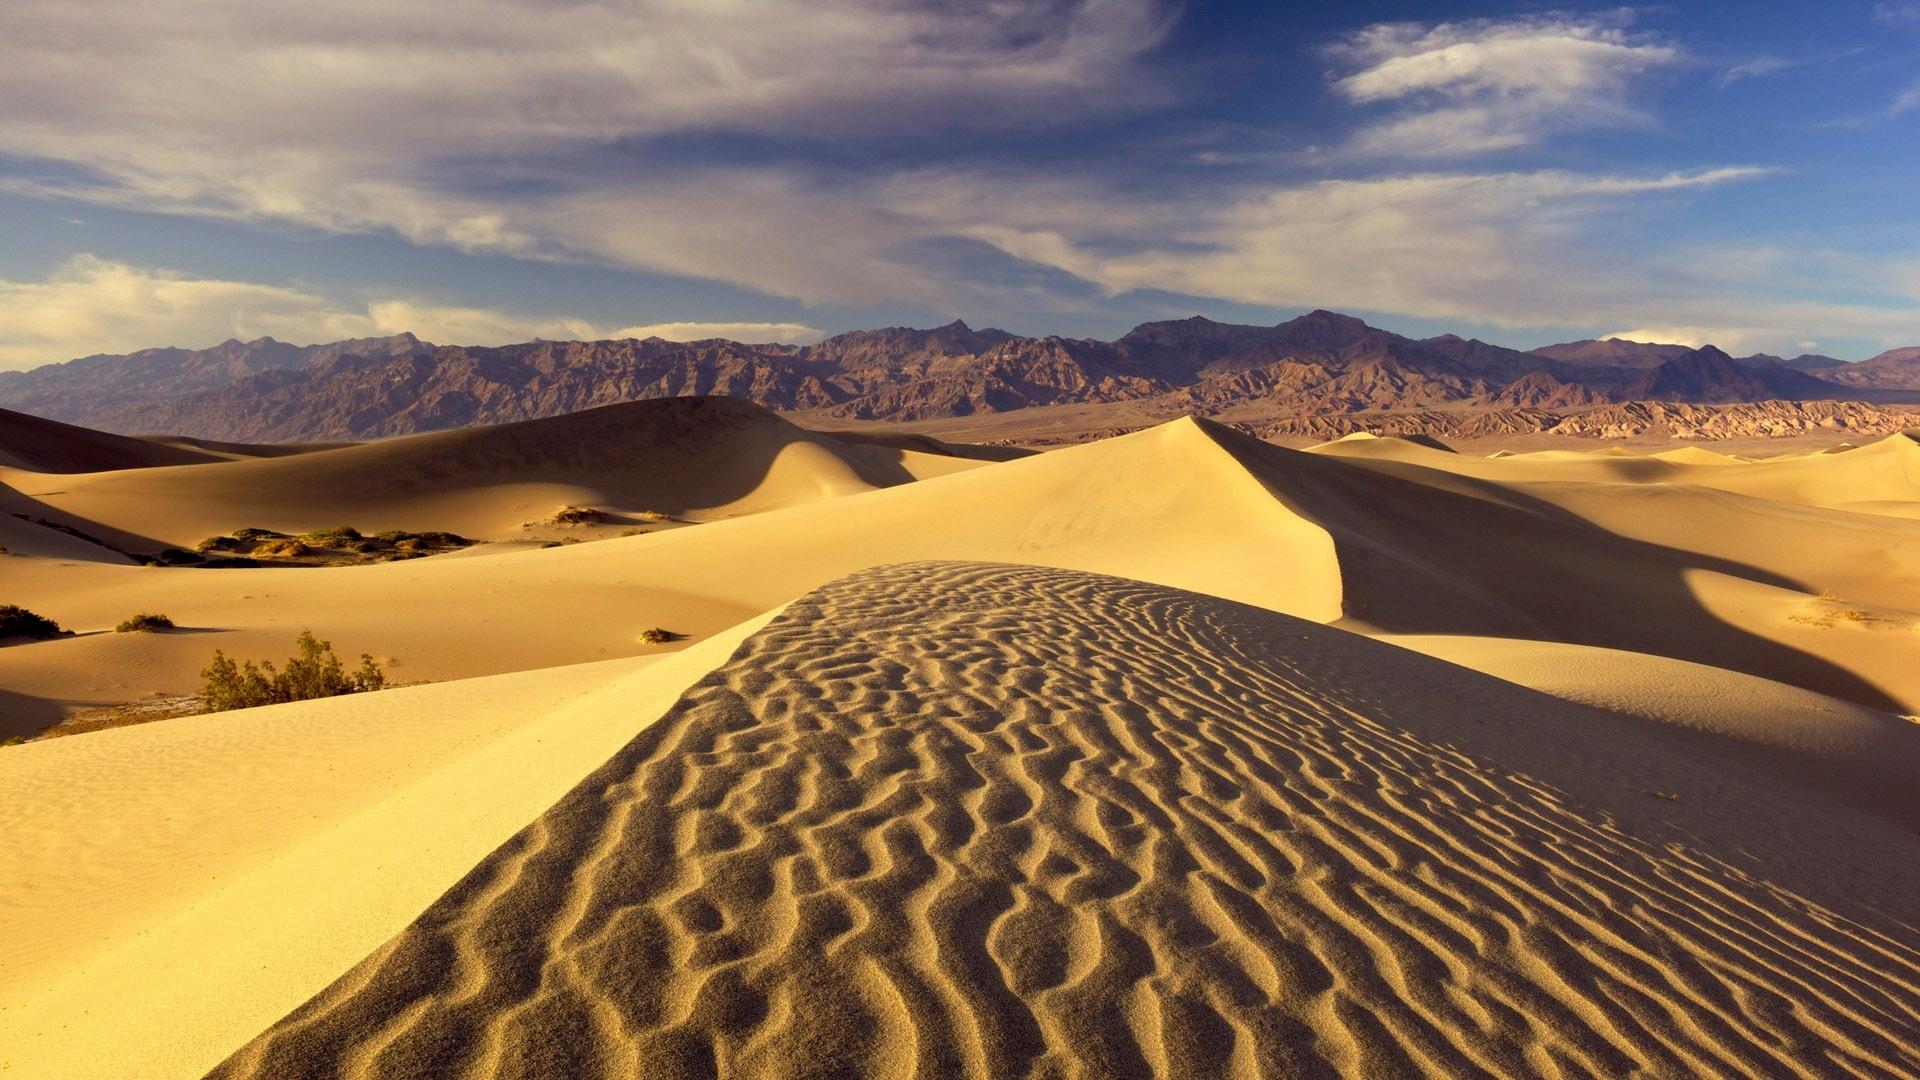 Обои пустыни для рабочего стола